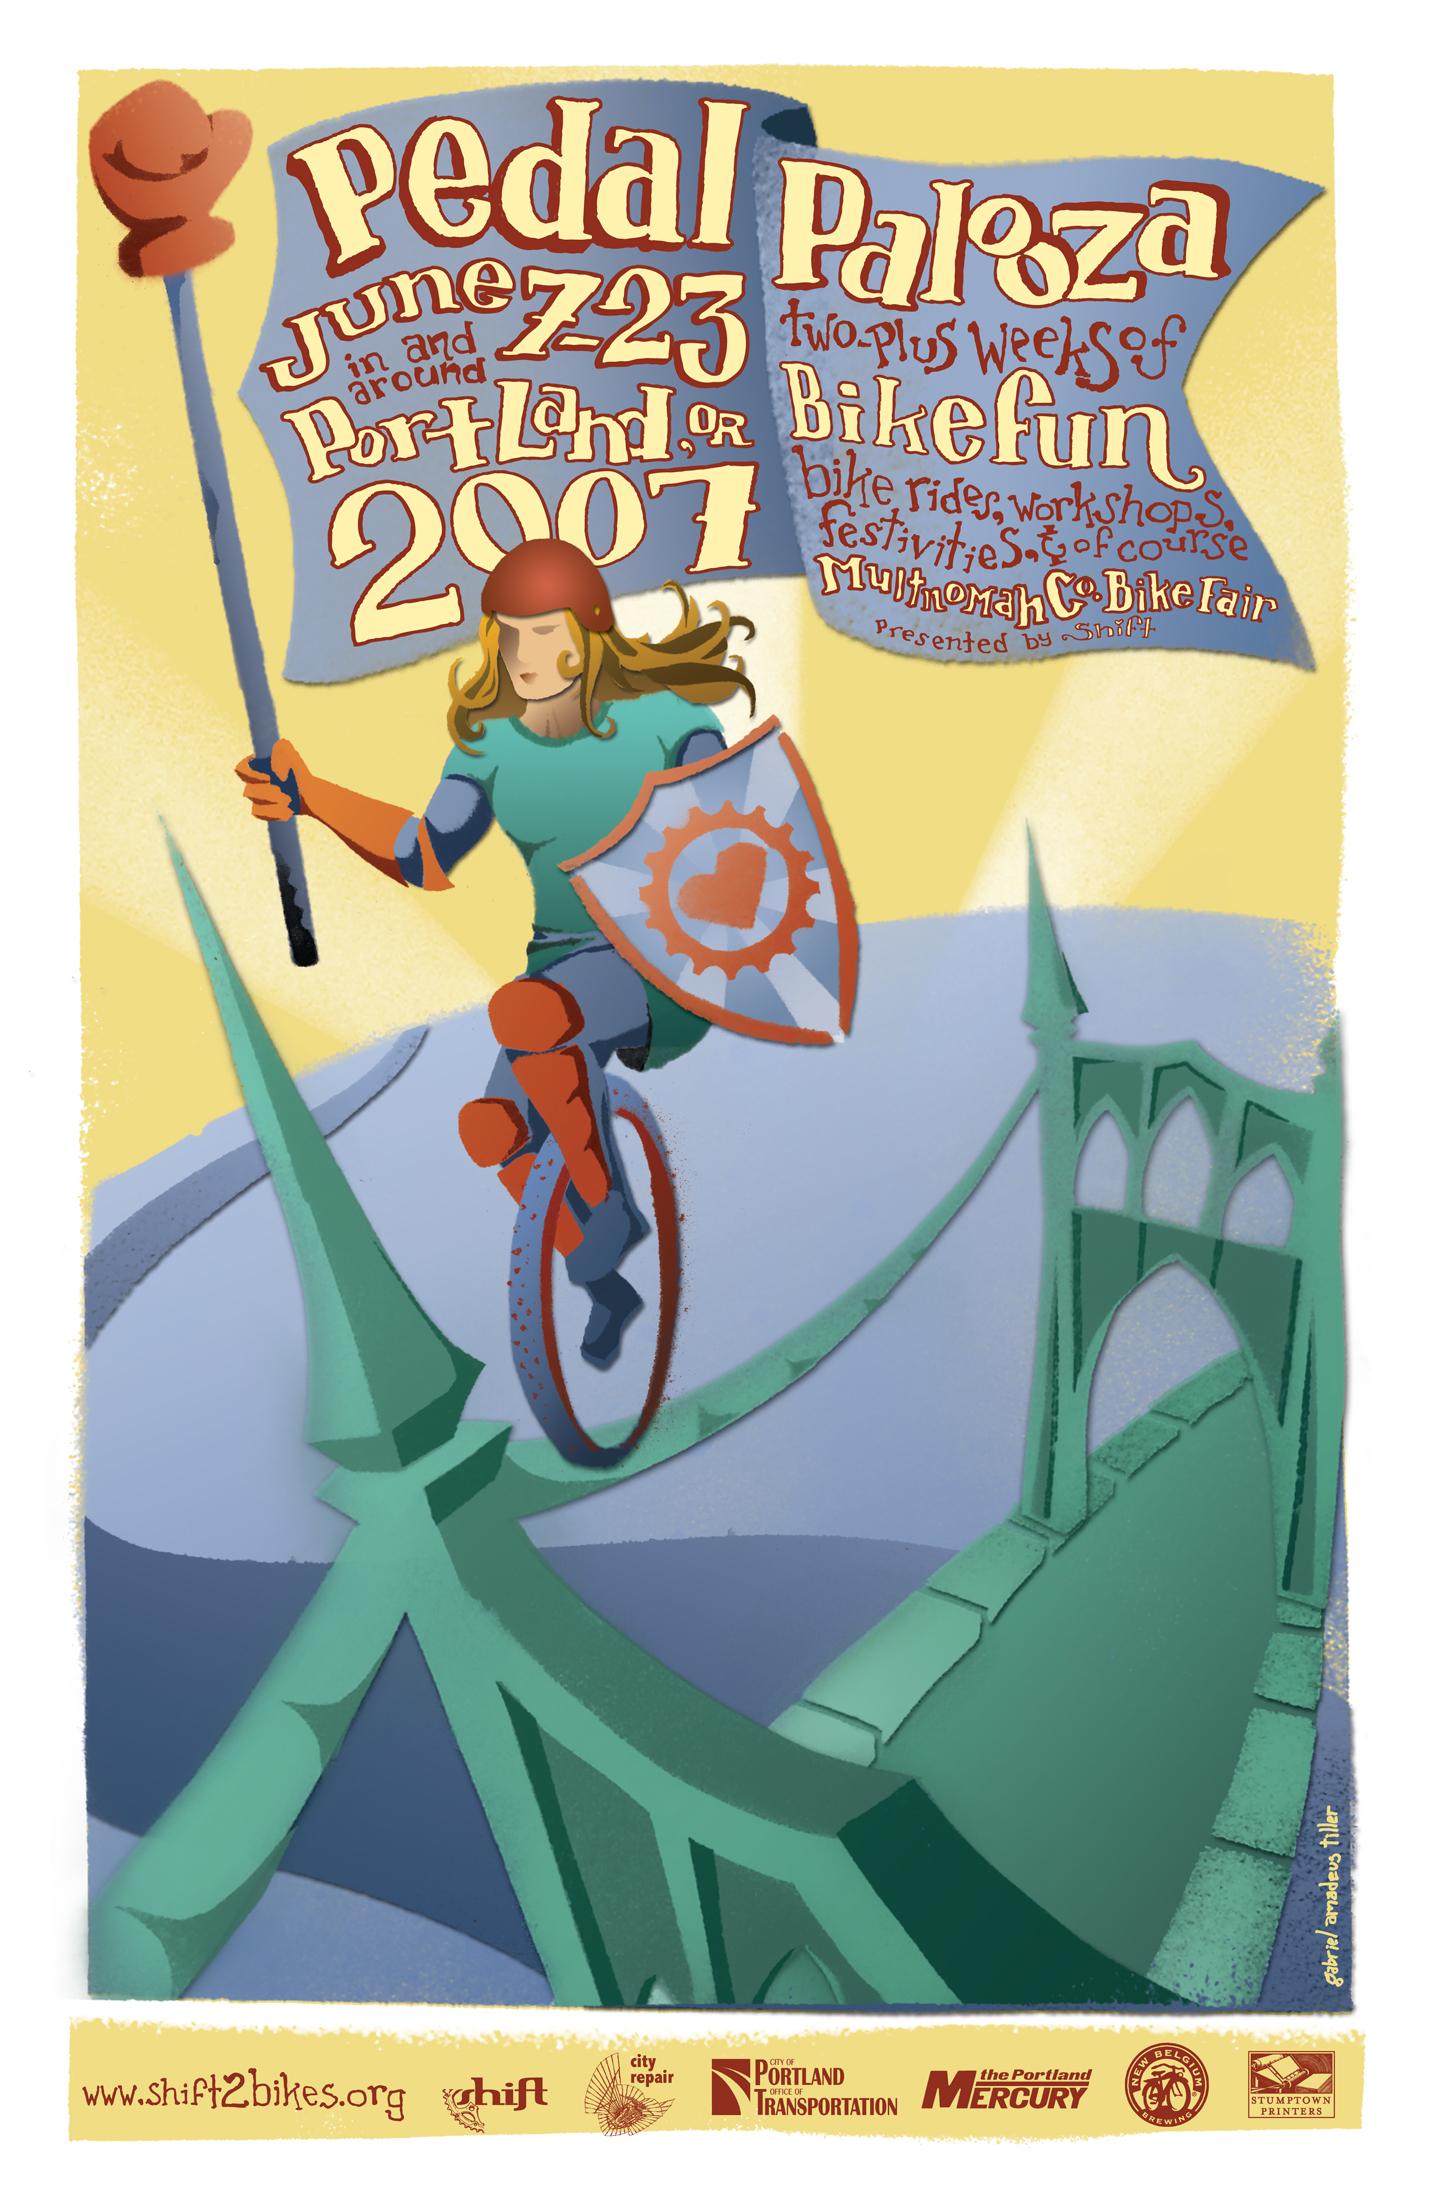 2007 Pedalpalooza Calendar Shift